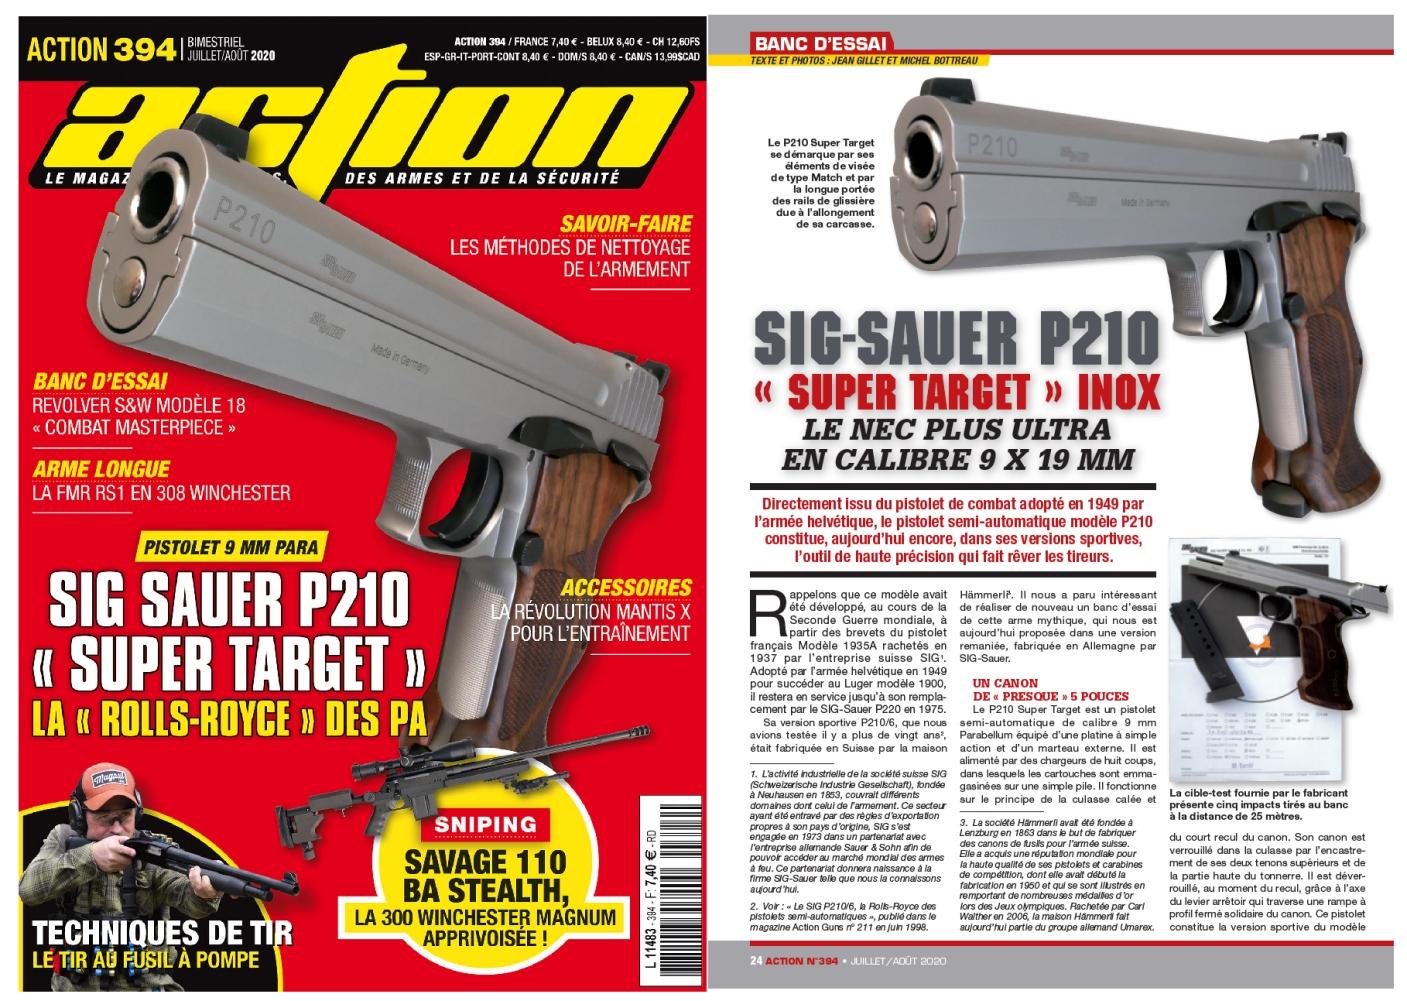 Le banc d'essai du pistolet SIG-Sauer P210 Super Target inox a été publié sur 6 pages dans le magazine Action n°394 (juillet/août 2020).